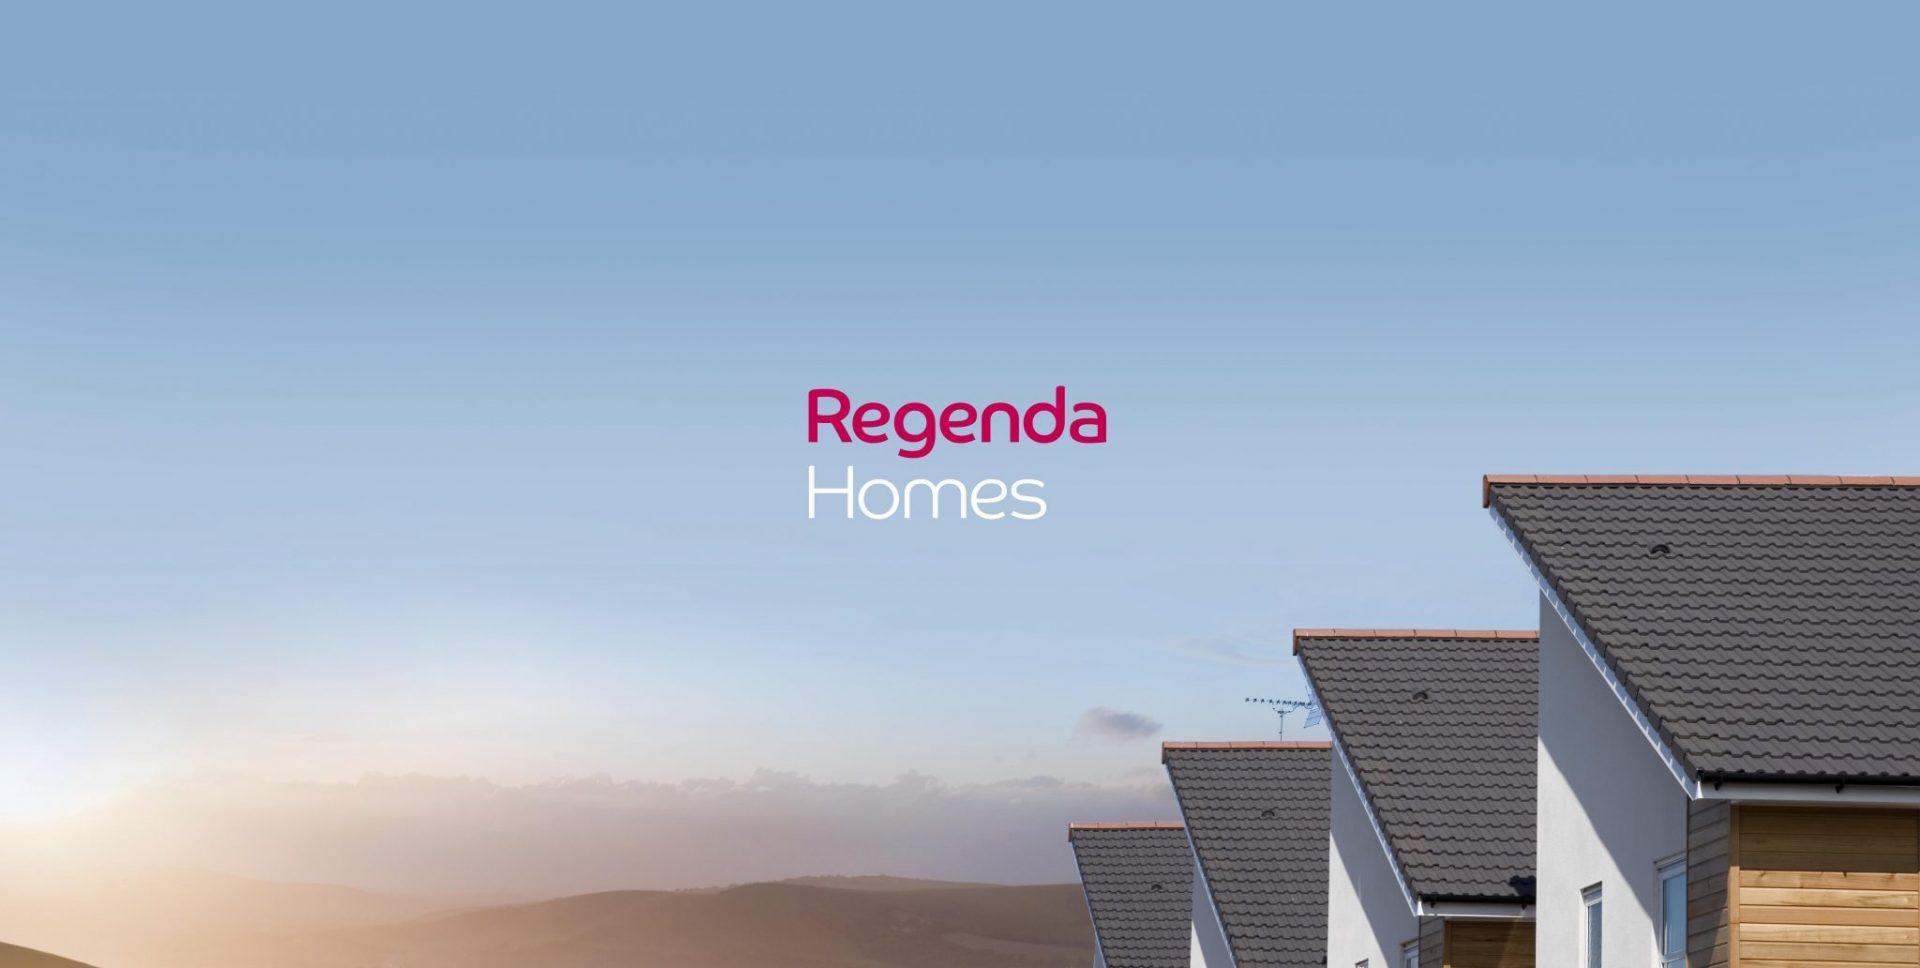 Regenda-homes-header